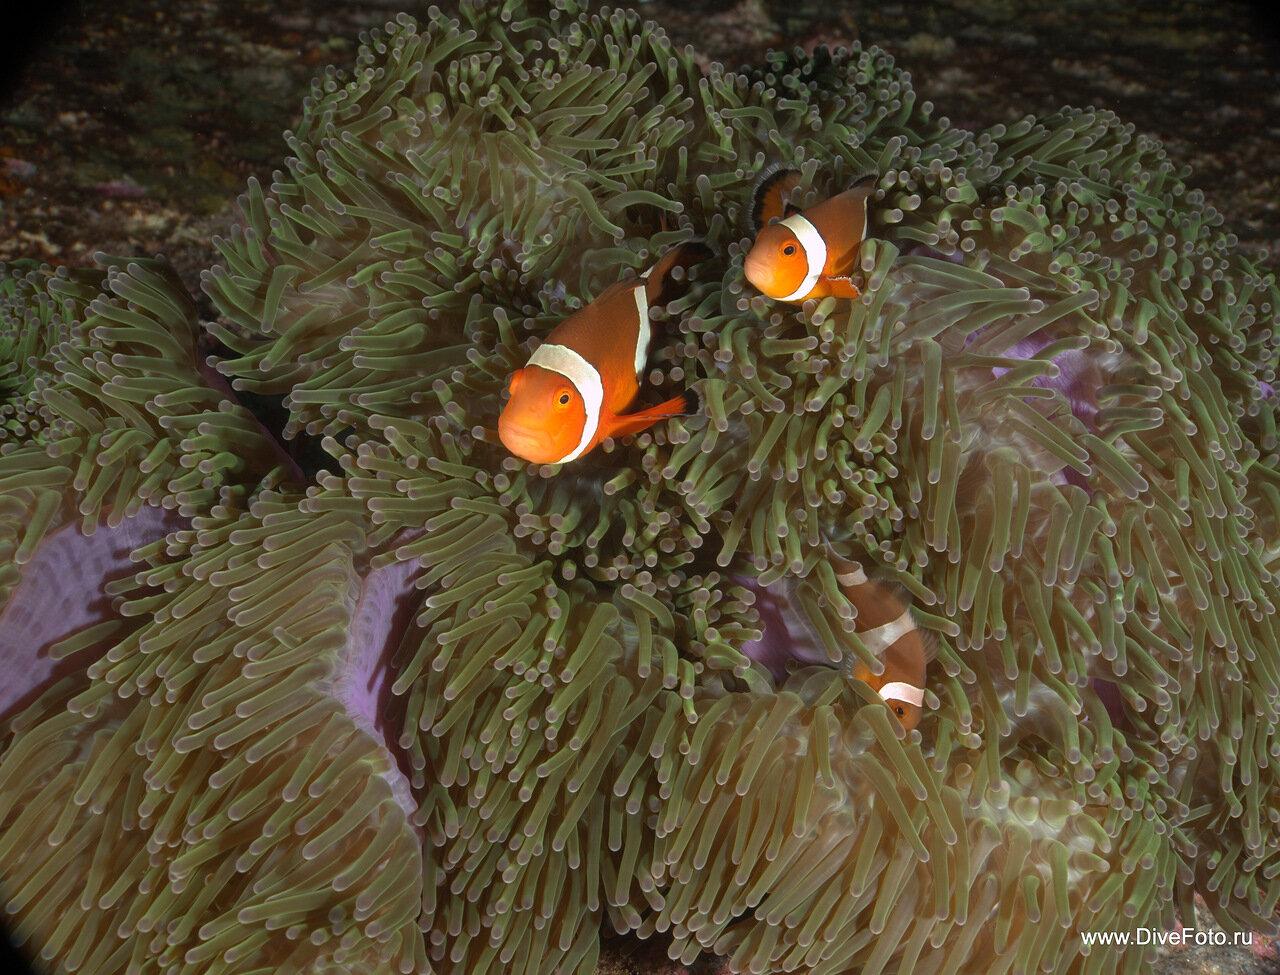 Оранжевые рыбы клоуны в анемоне фото